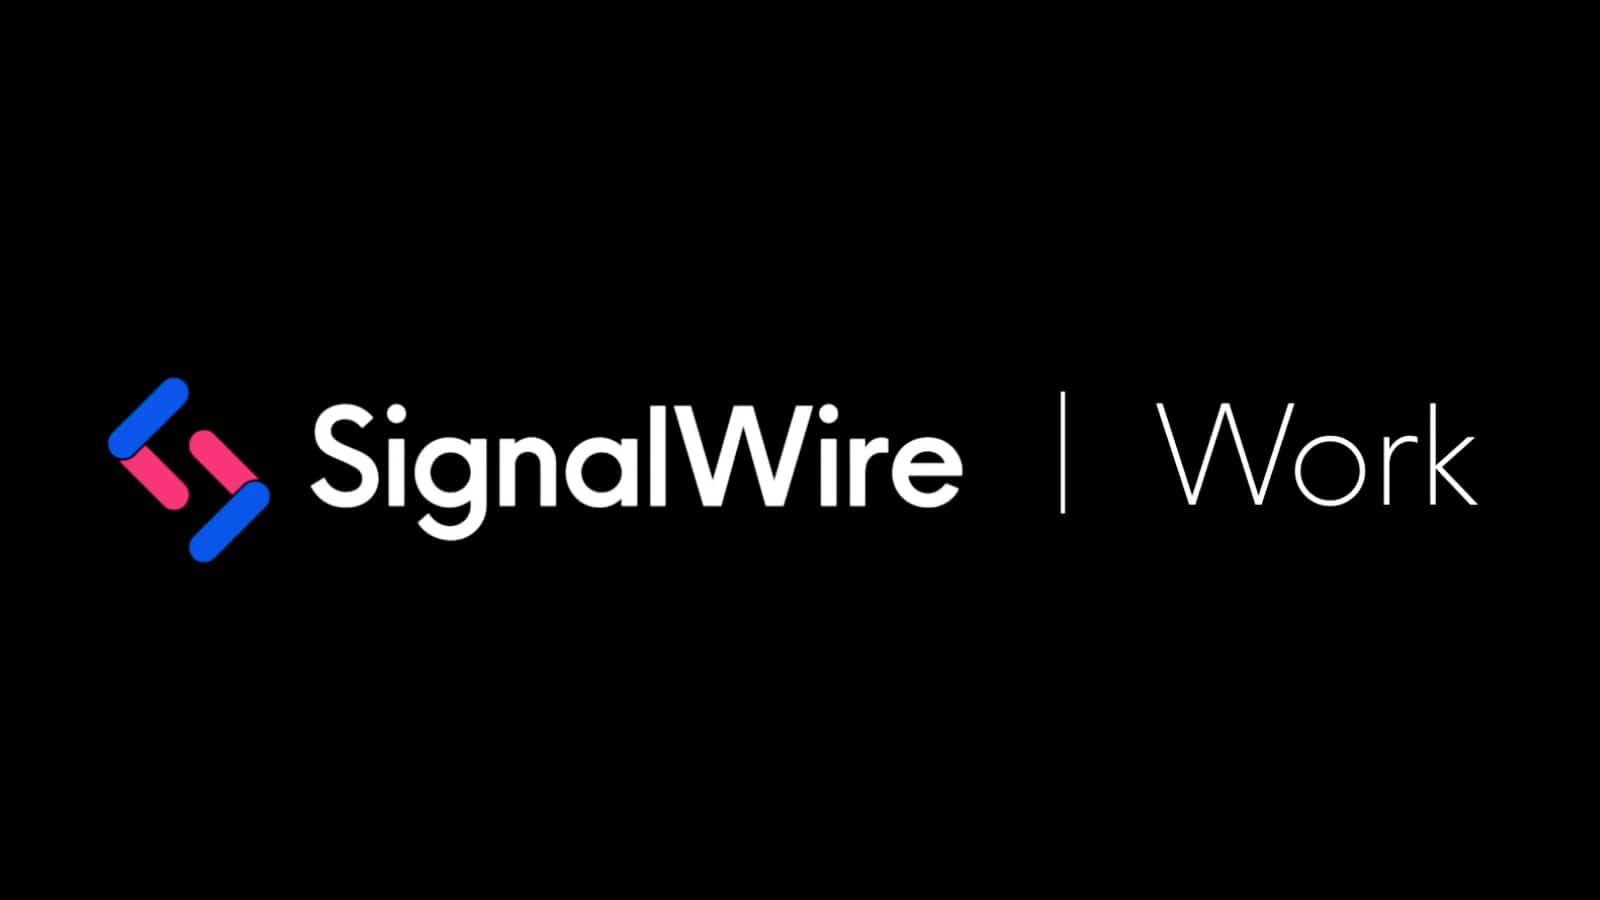 signalwire work logo